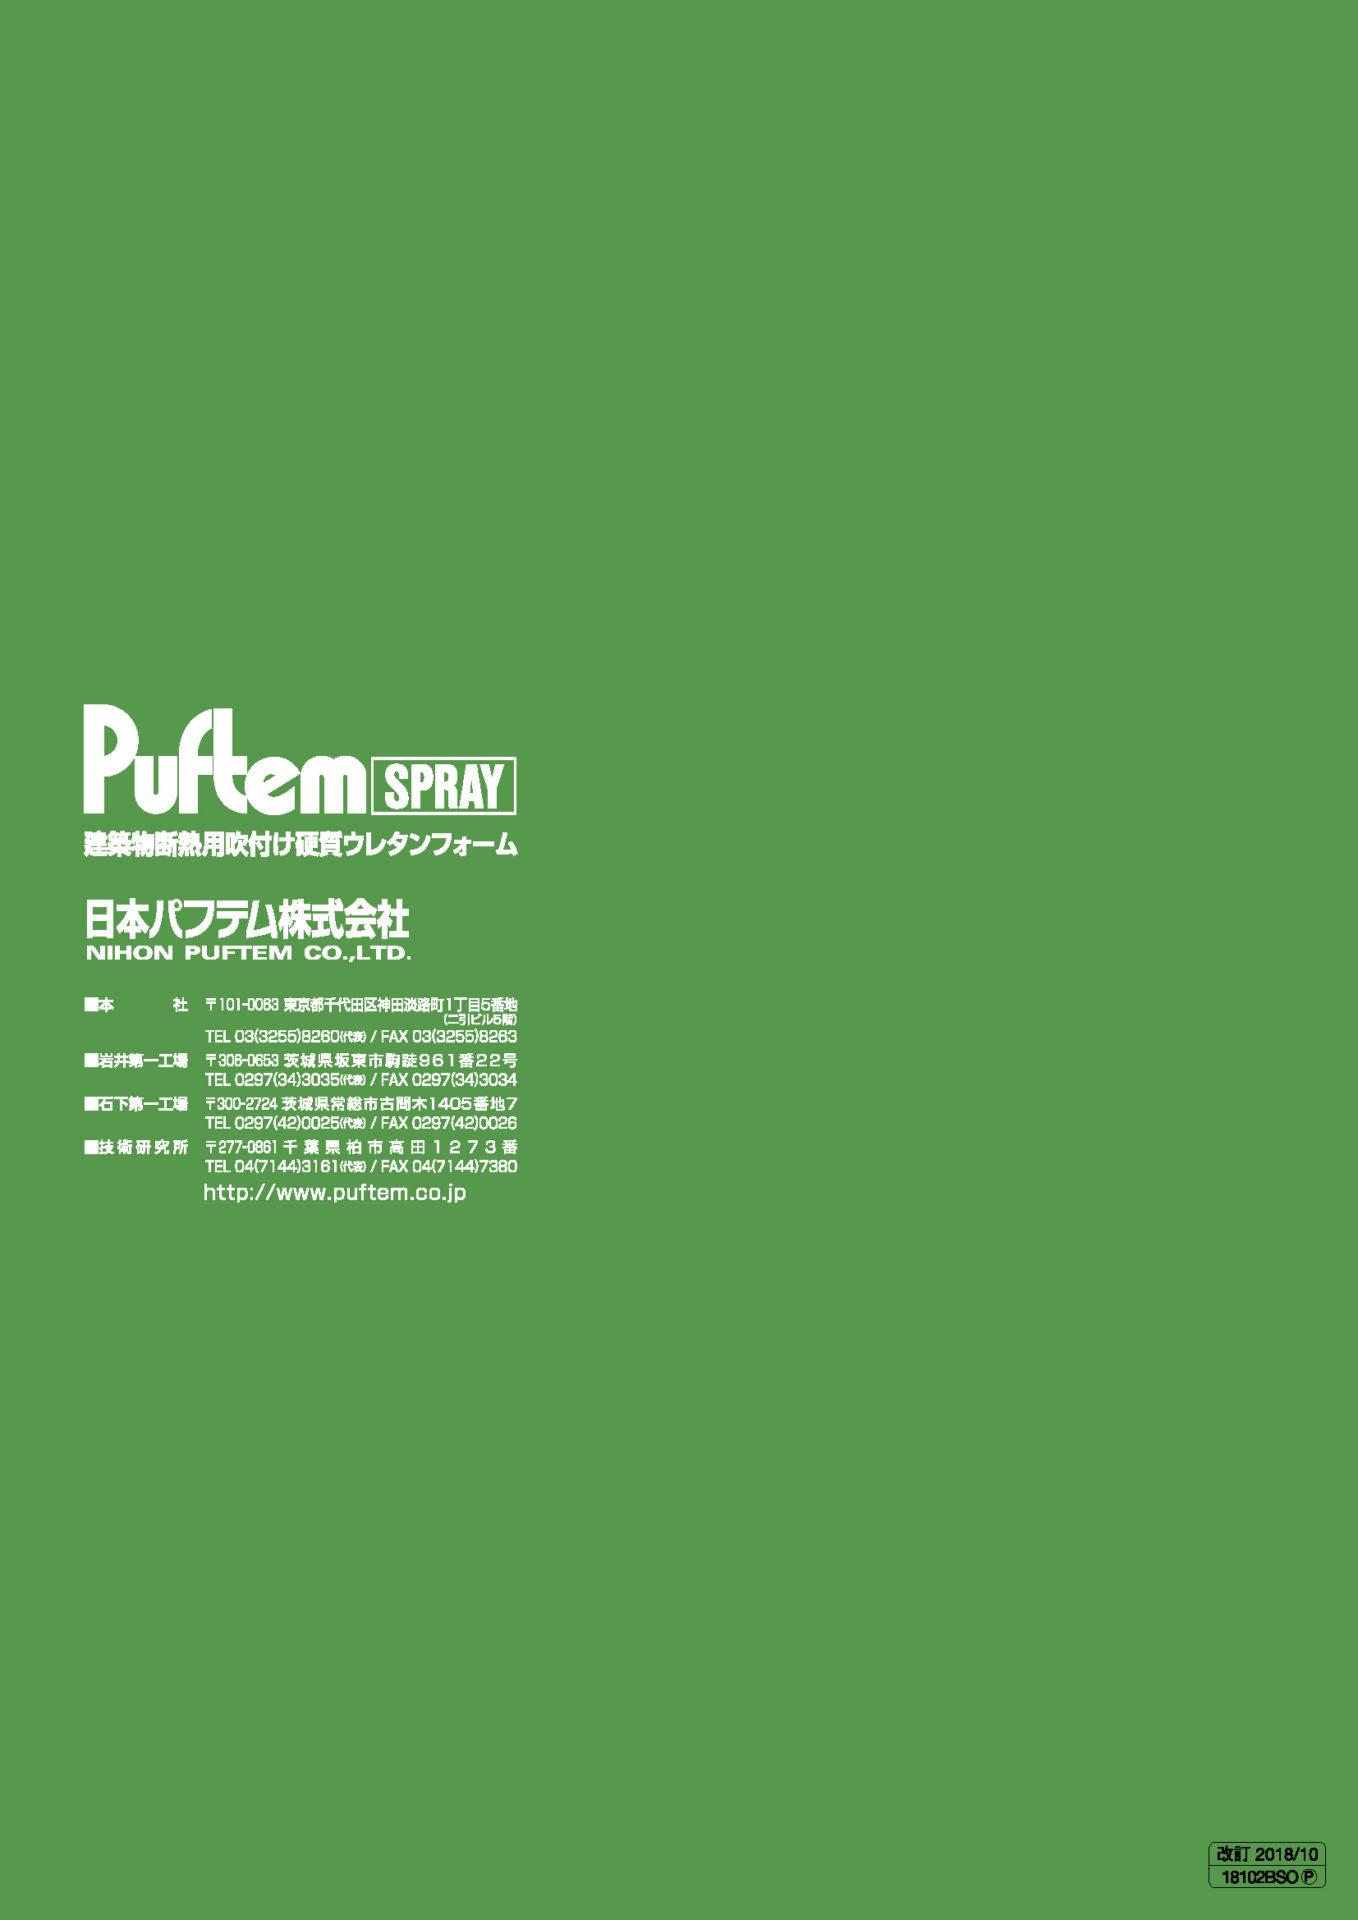 「パフテムスプレー」フロンタイプ専用カタログP16